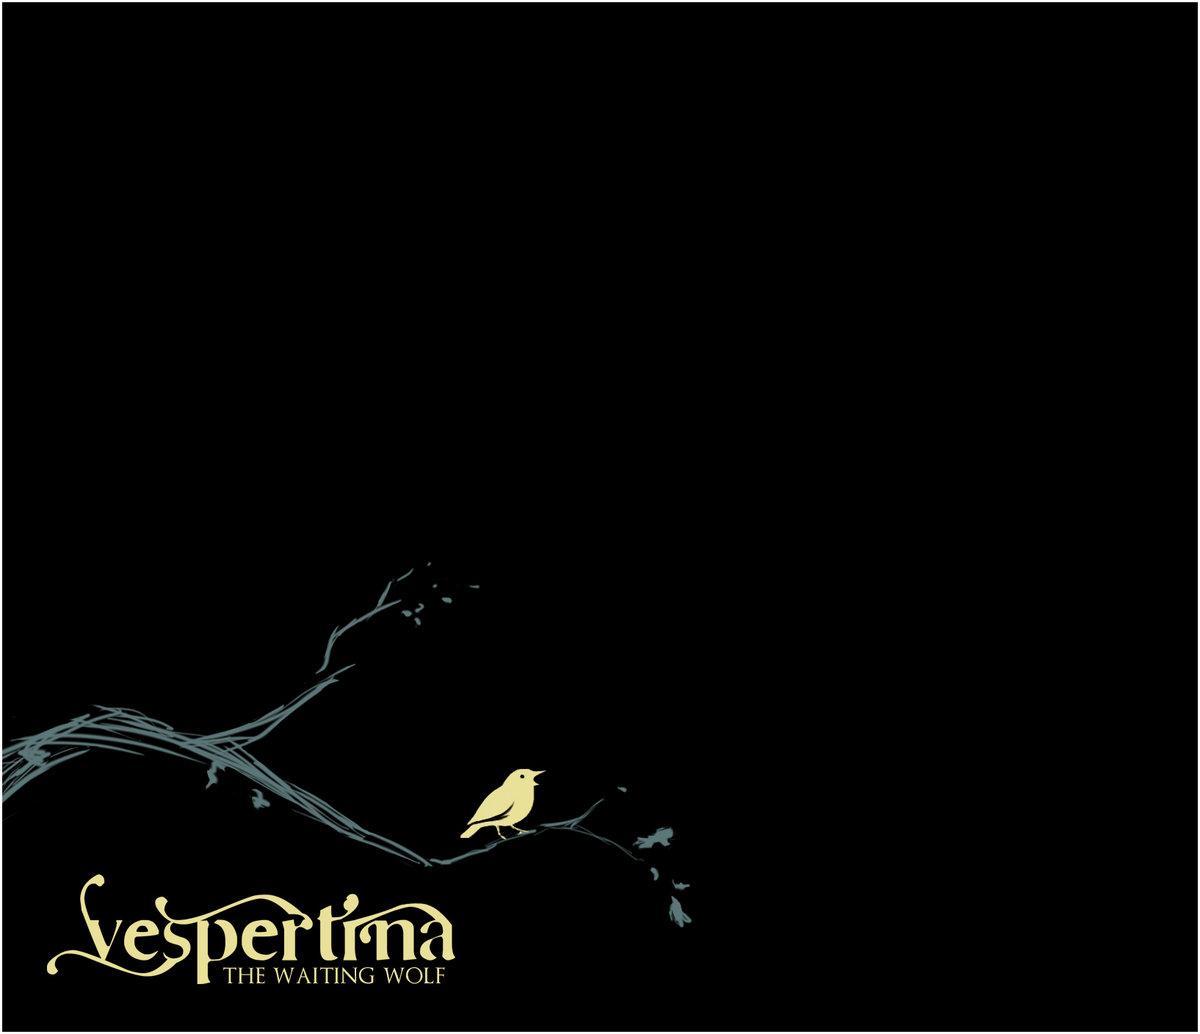 """""""The Waiting Wolf""""  Vespertina (2011)"""